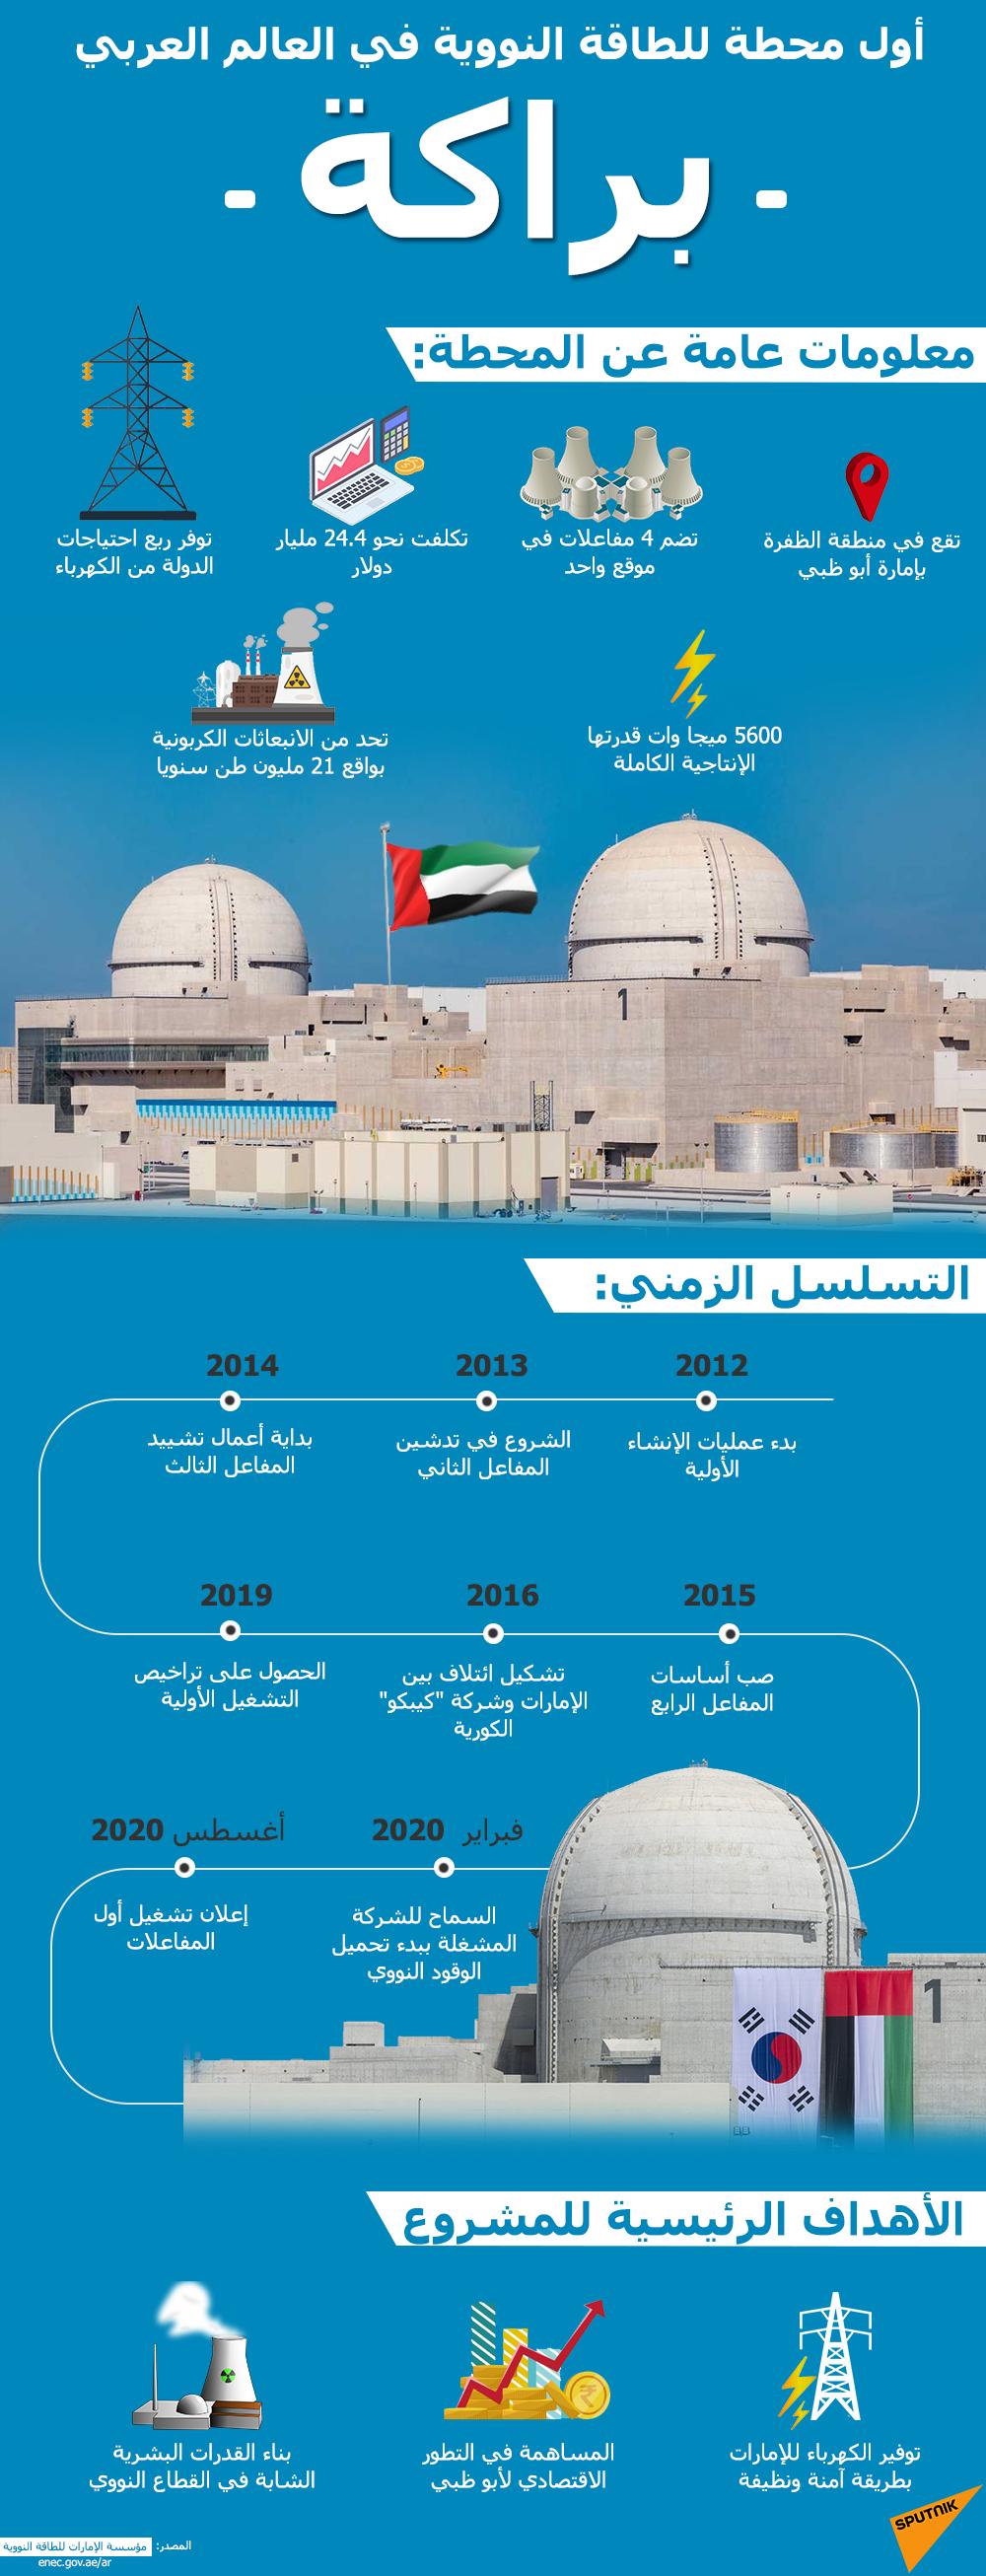 أول محطة للطاقة النووية في العالم العربي.. الإمارات تعلن تشغيل محطة براكة